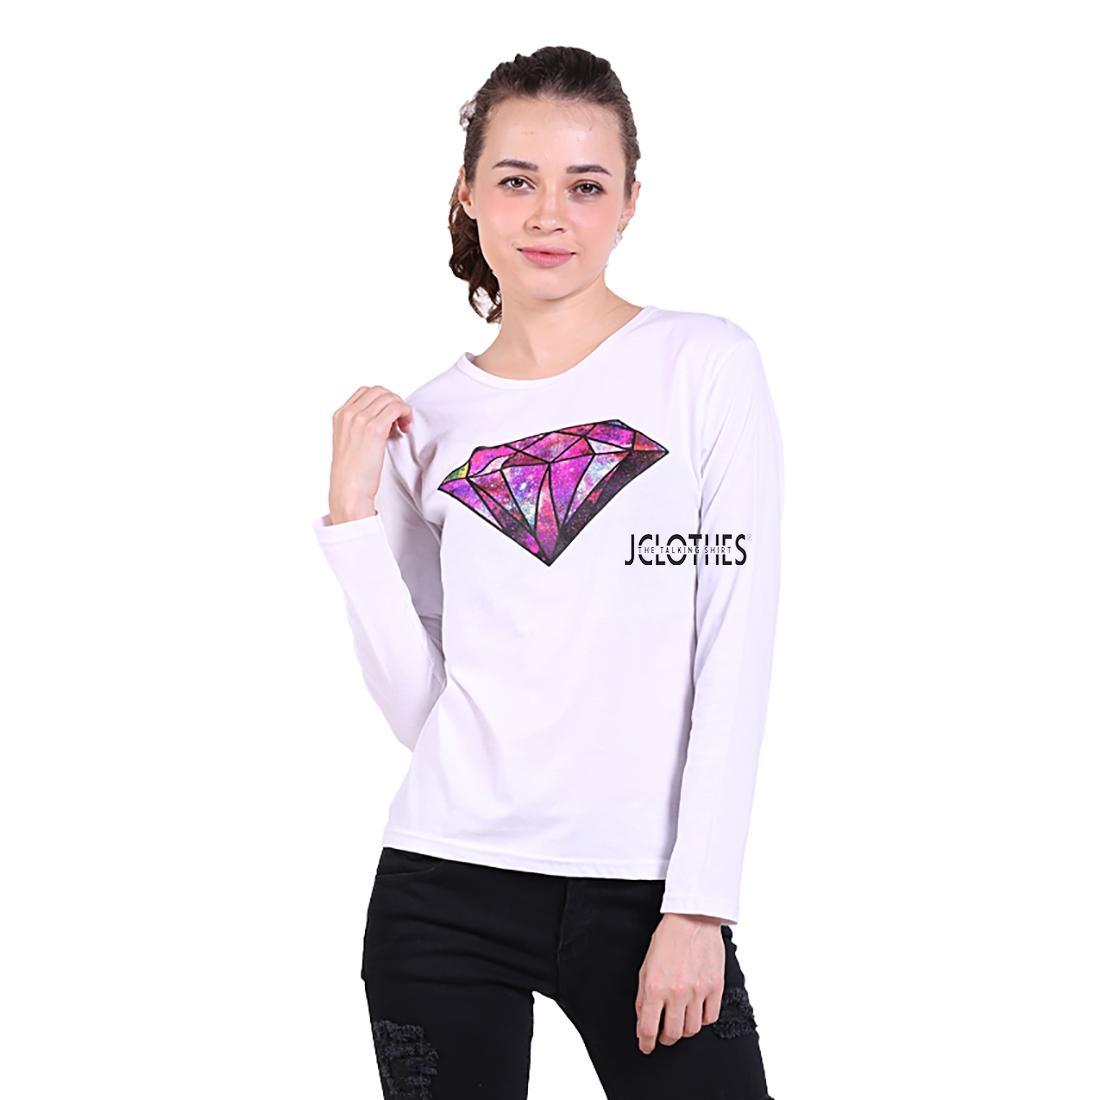 JCLOTHES Tumblr Tee / Kaos Cewe / Kaos Lengan Panjang Wanita Diamond